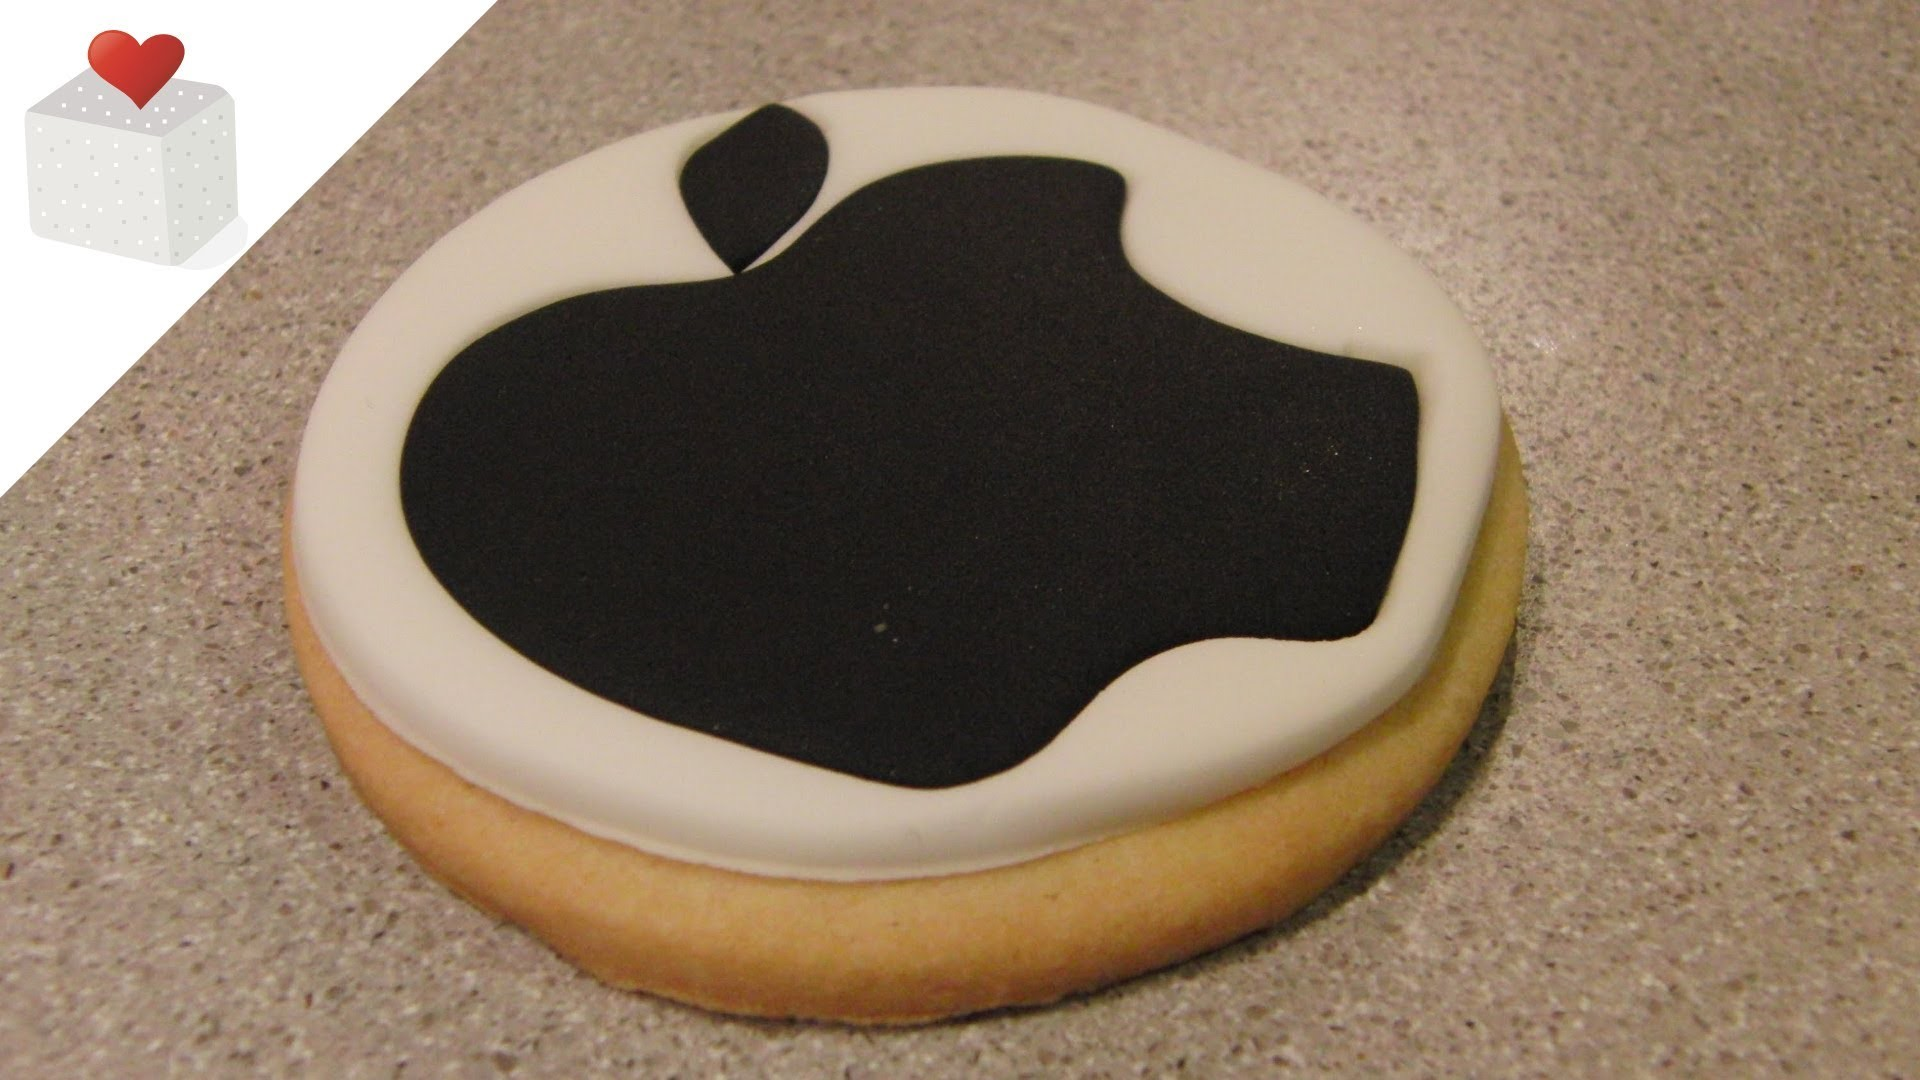 Cómo hacer un cortador para galletas paso a paso | Trucos para Galletas por Azúcar con Amor